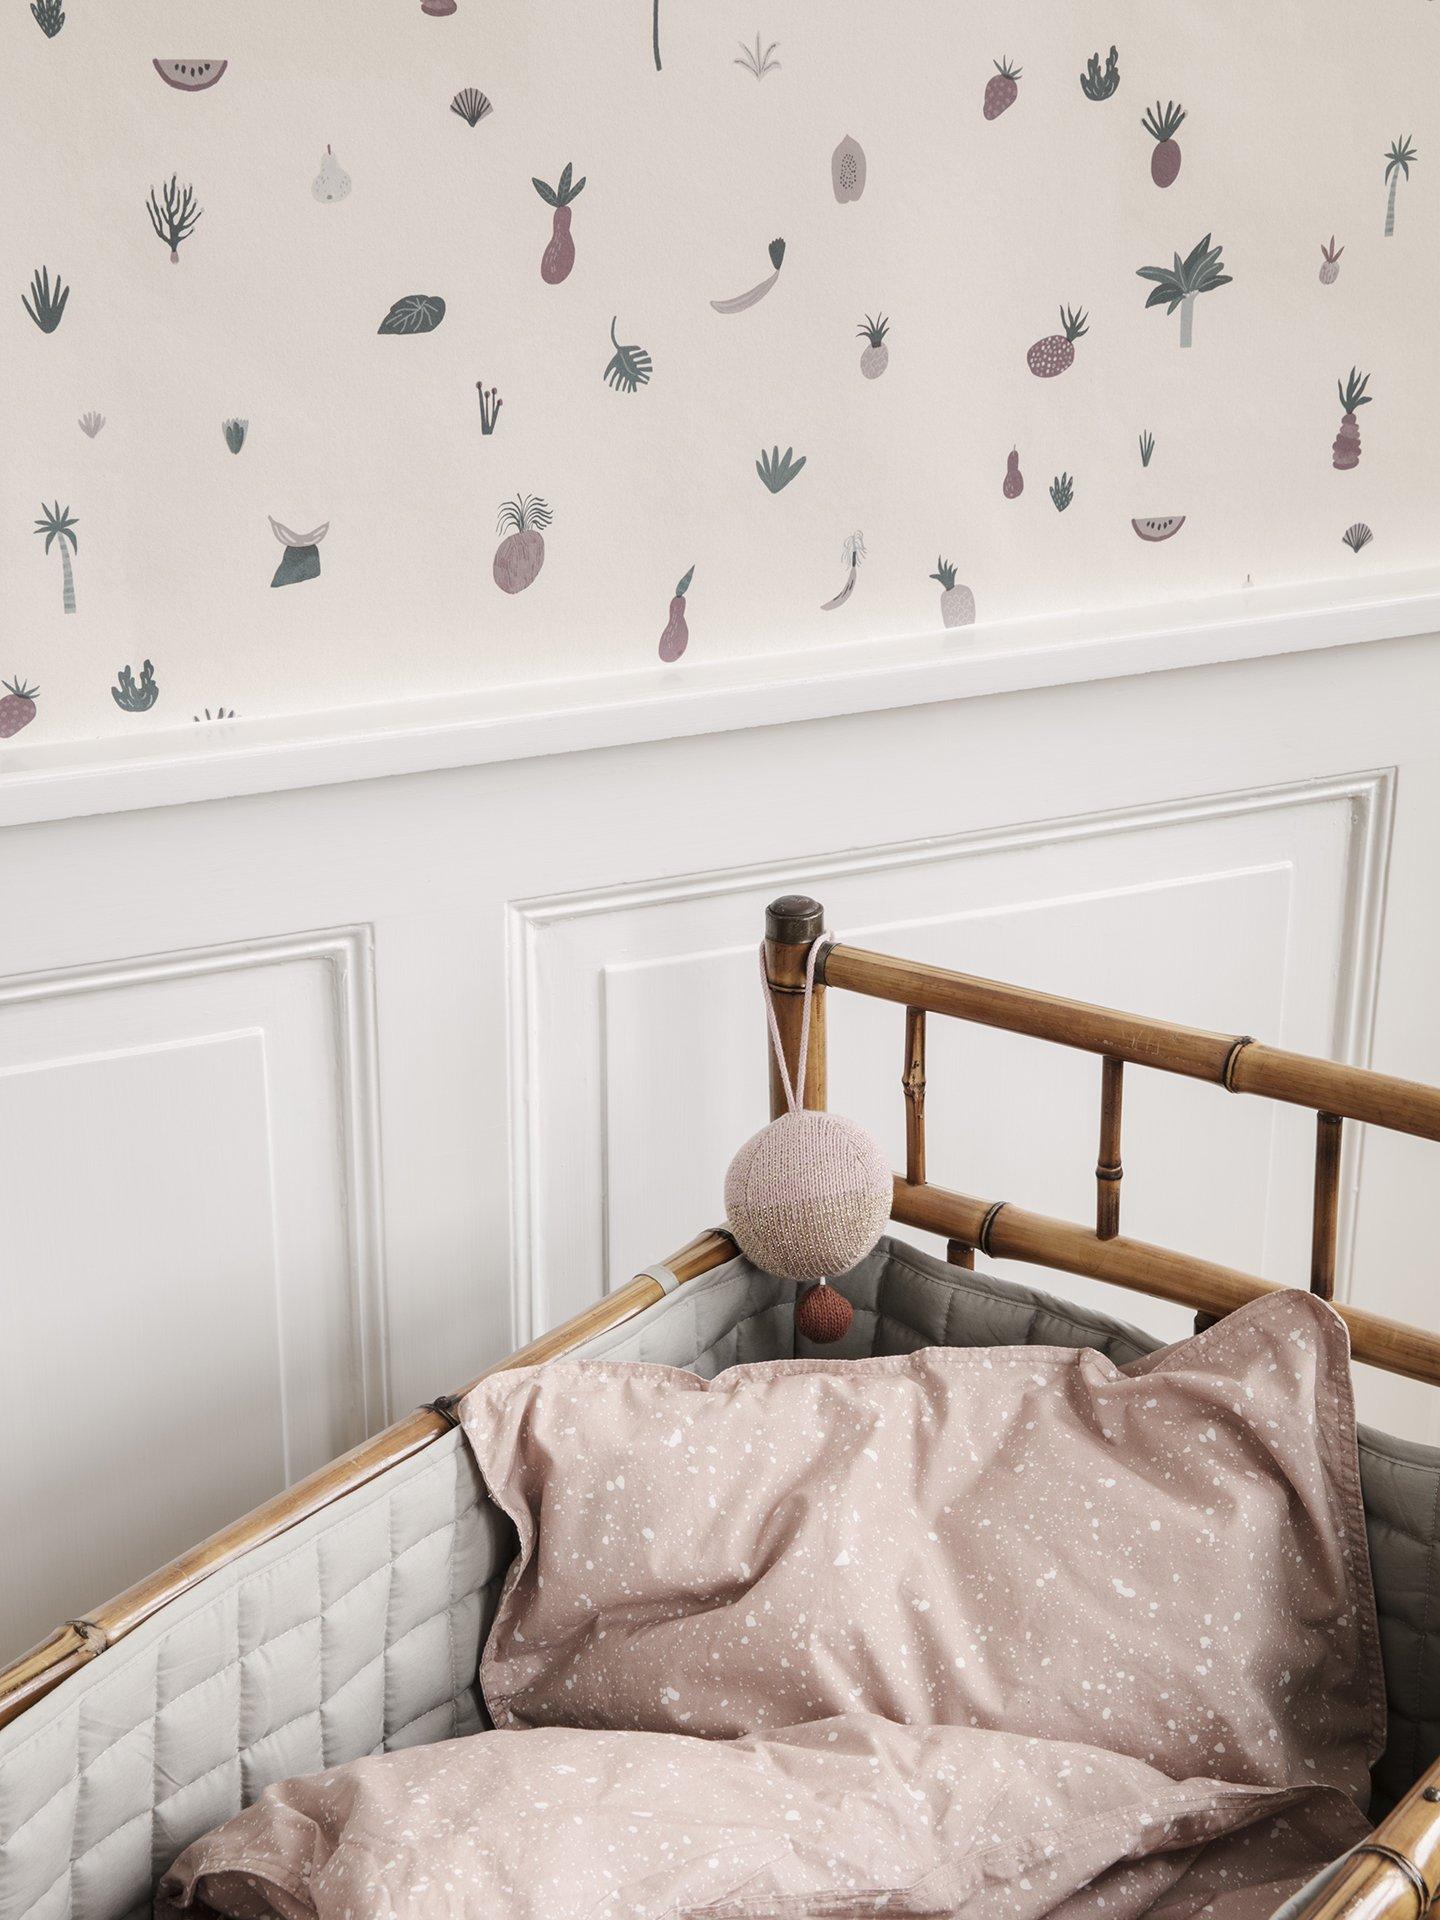 scandinavian feeling nursery decor kids wallpaper closeup